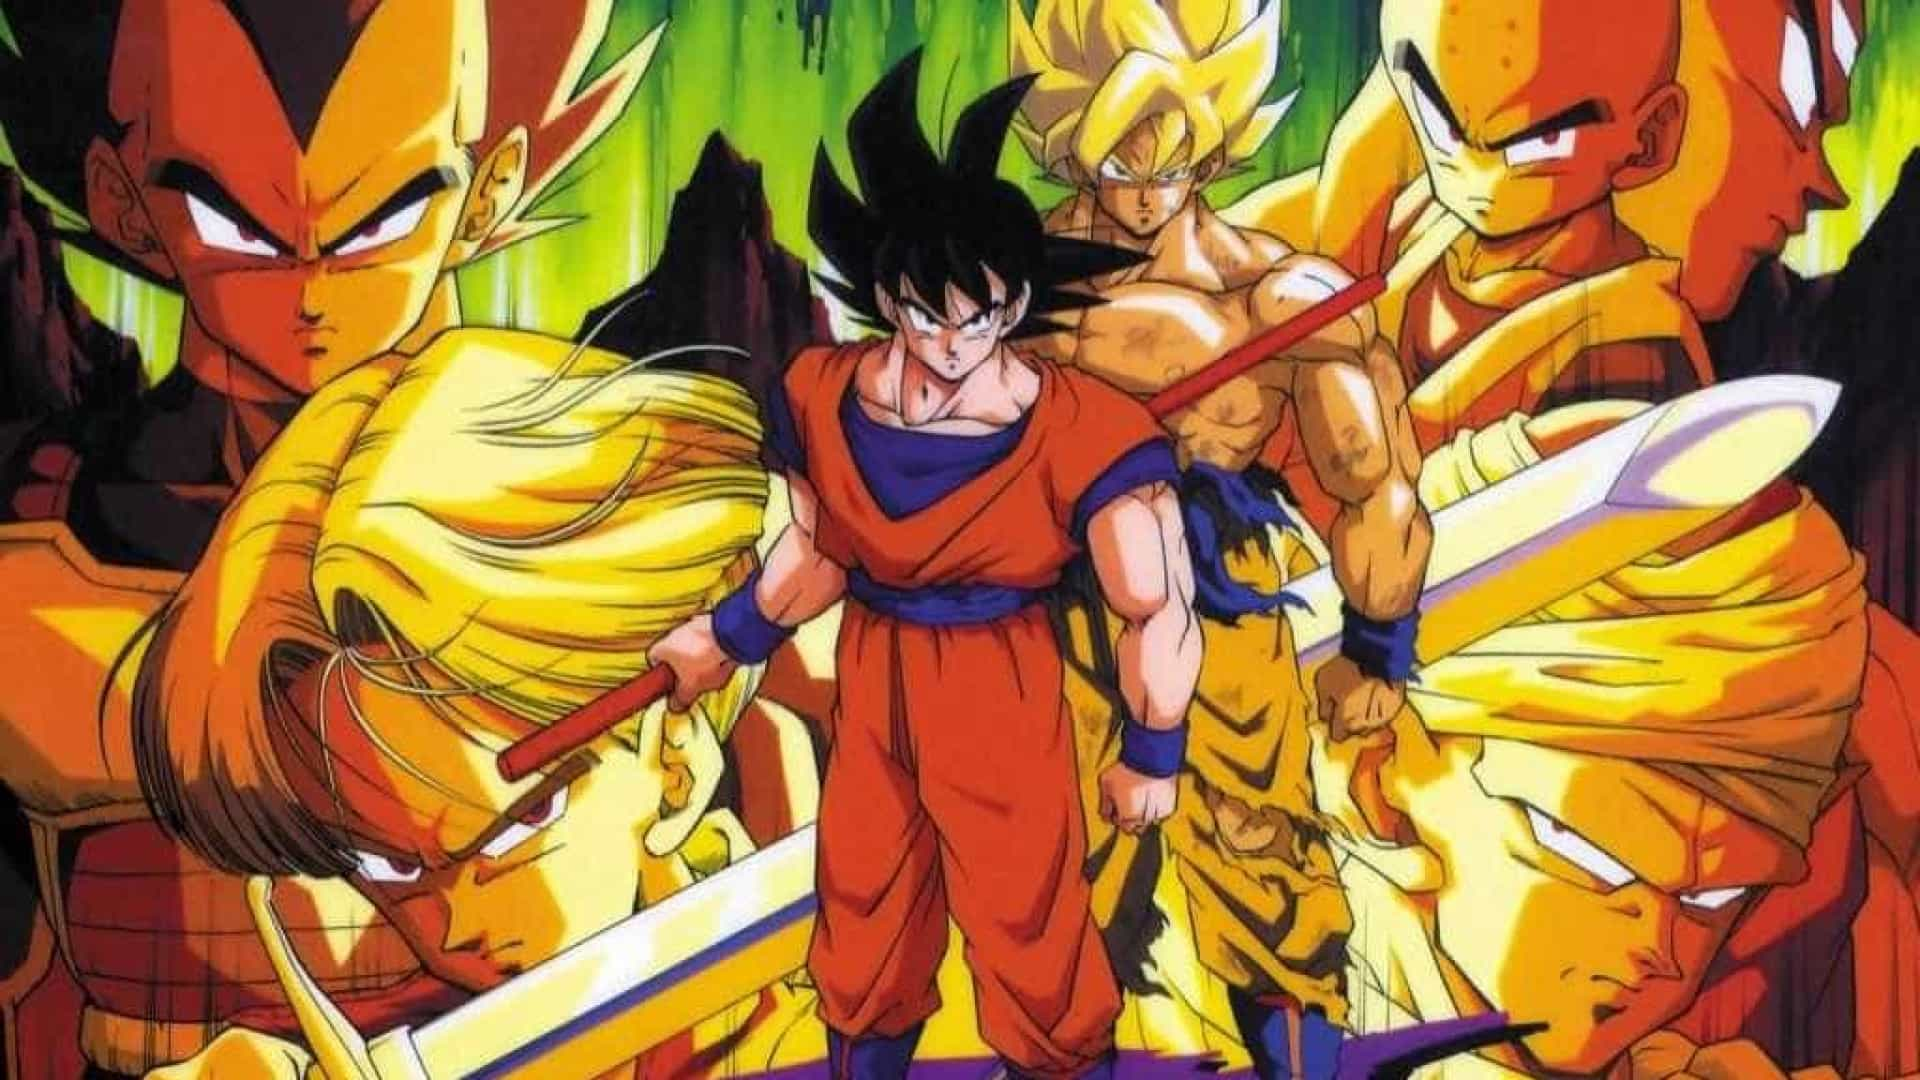 Dragon Ball Super estreia no Cartoon Network neste sábado